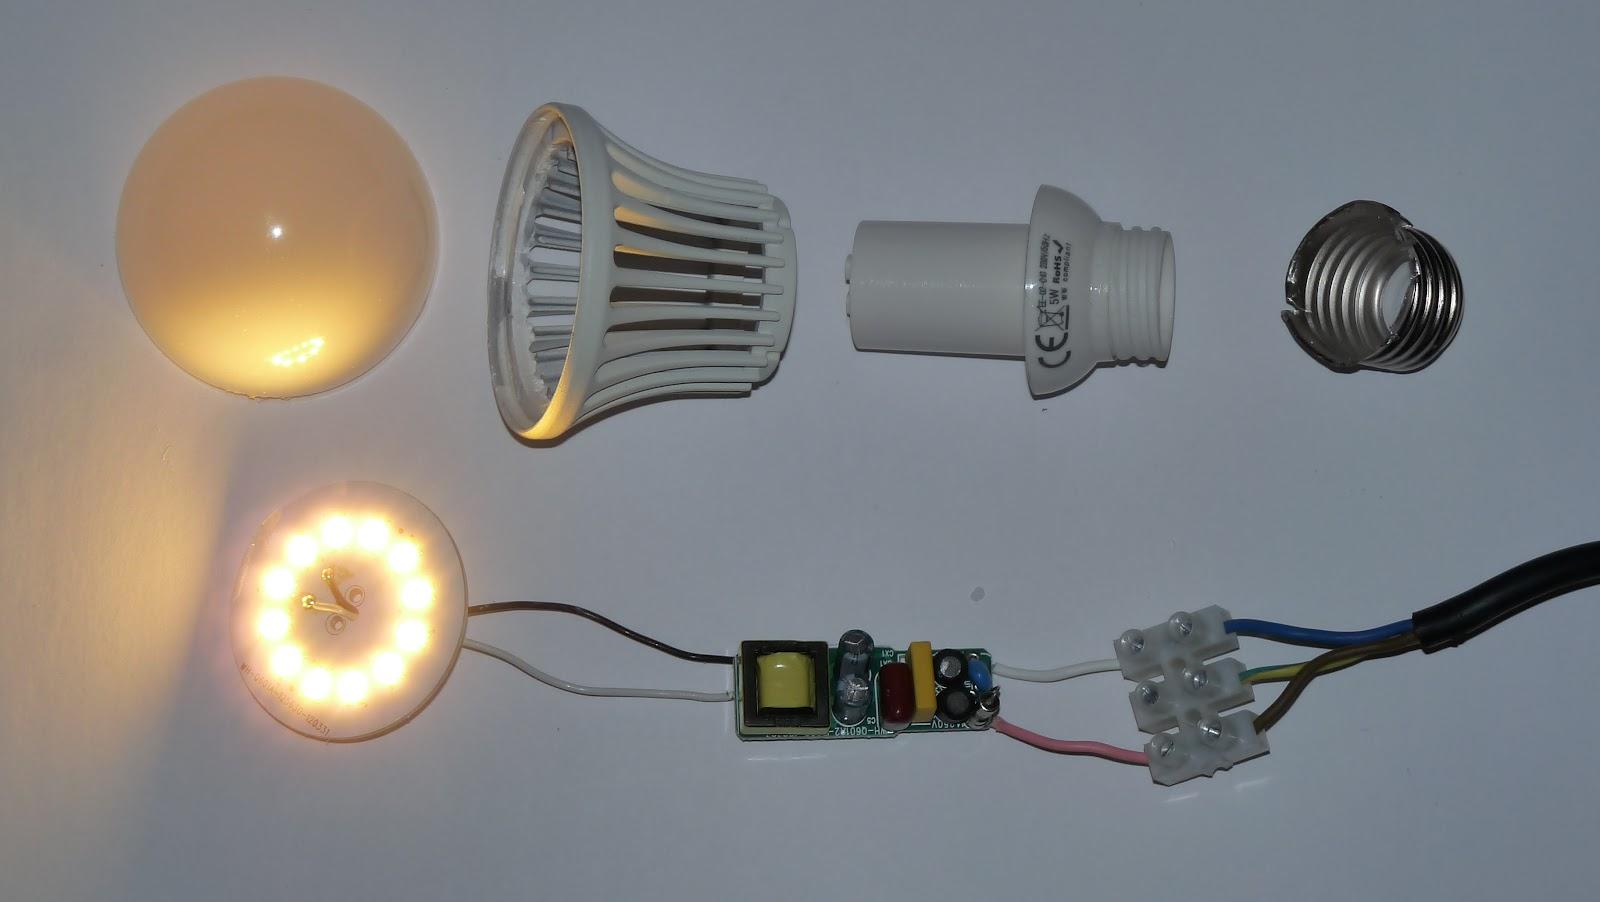 Để giải quyết vấn đề đèn LED không sáng hãy xác định lỗi ở đâu trước khi thay mới